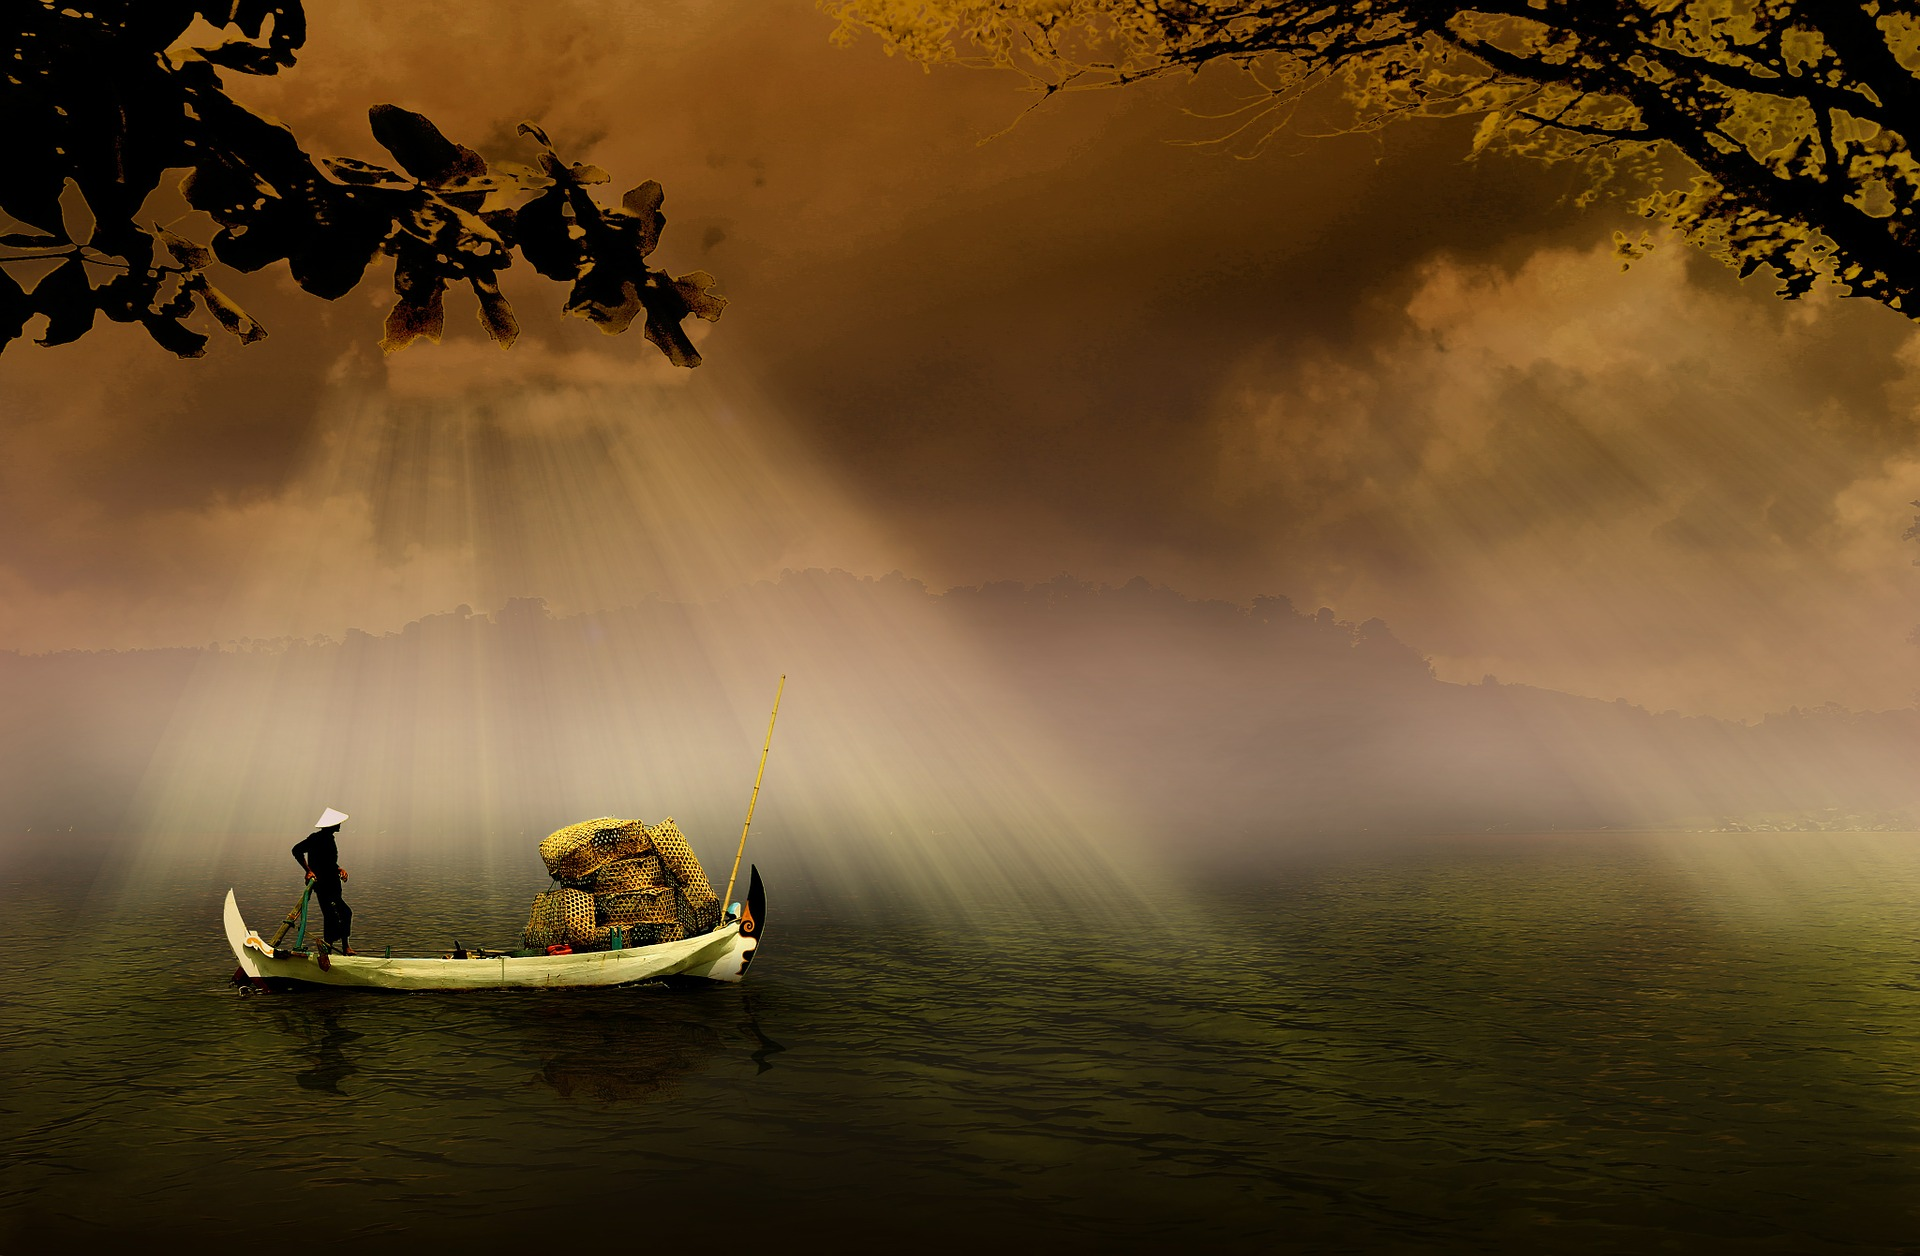 pecheur sur lac calme pour comprendre la paix